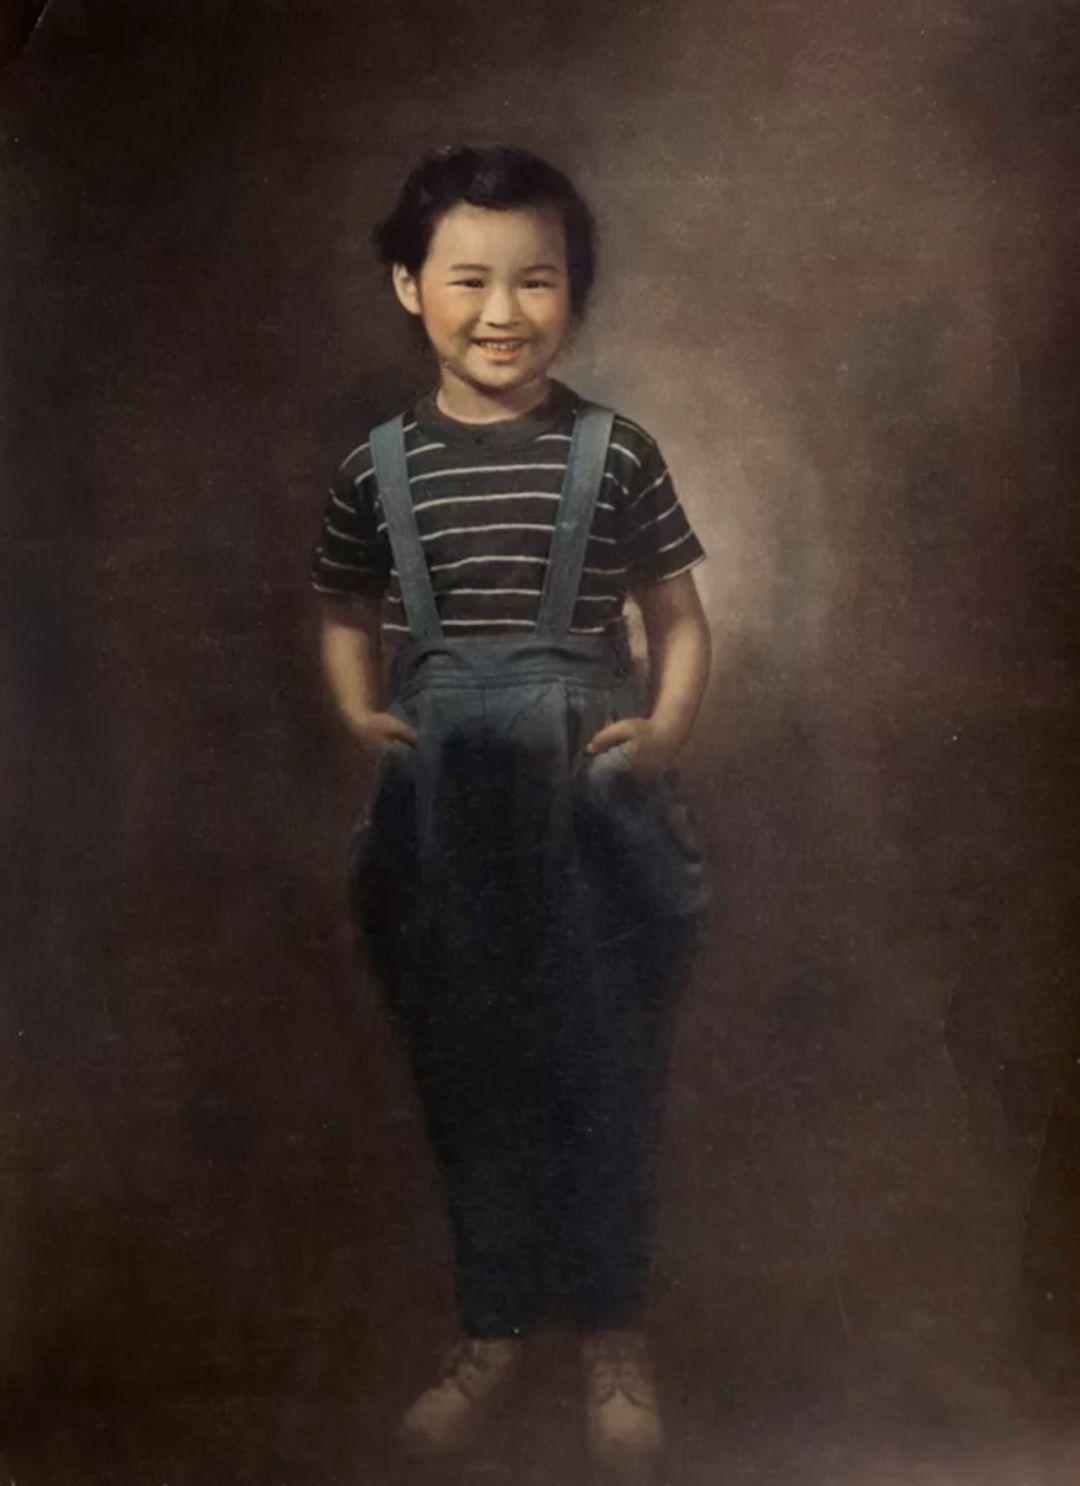 照片归还给上海人民了,当年的气质呢?